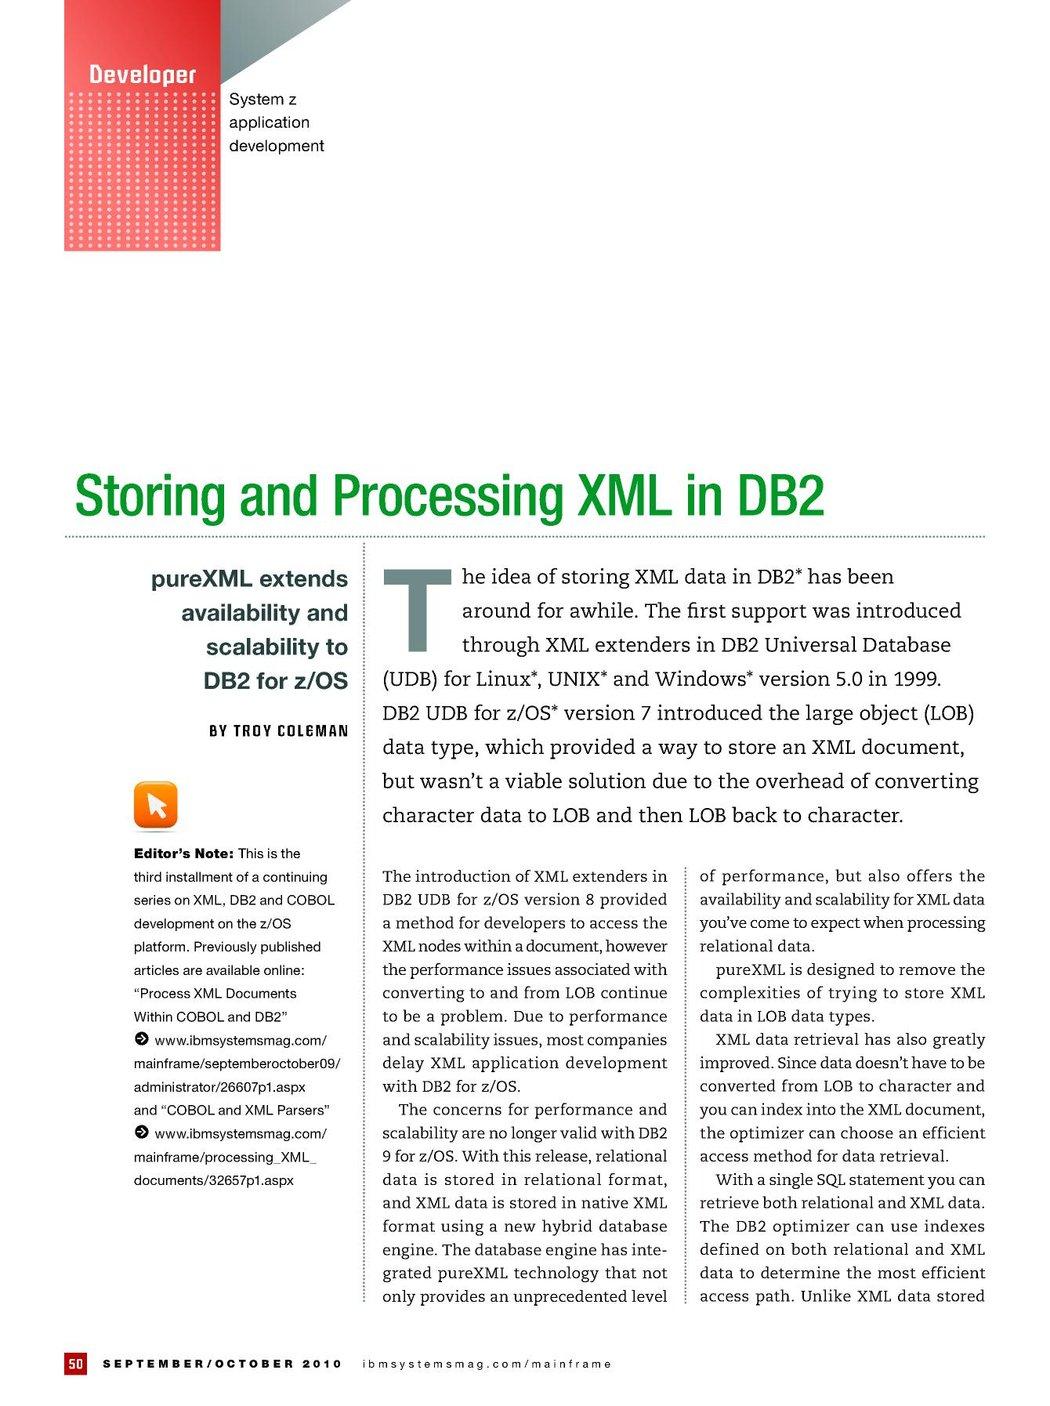 IBM Systems Magazine, Mainframe - September/October 2010